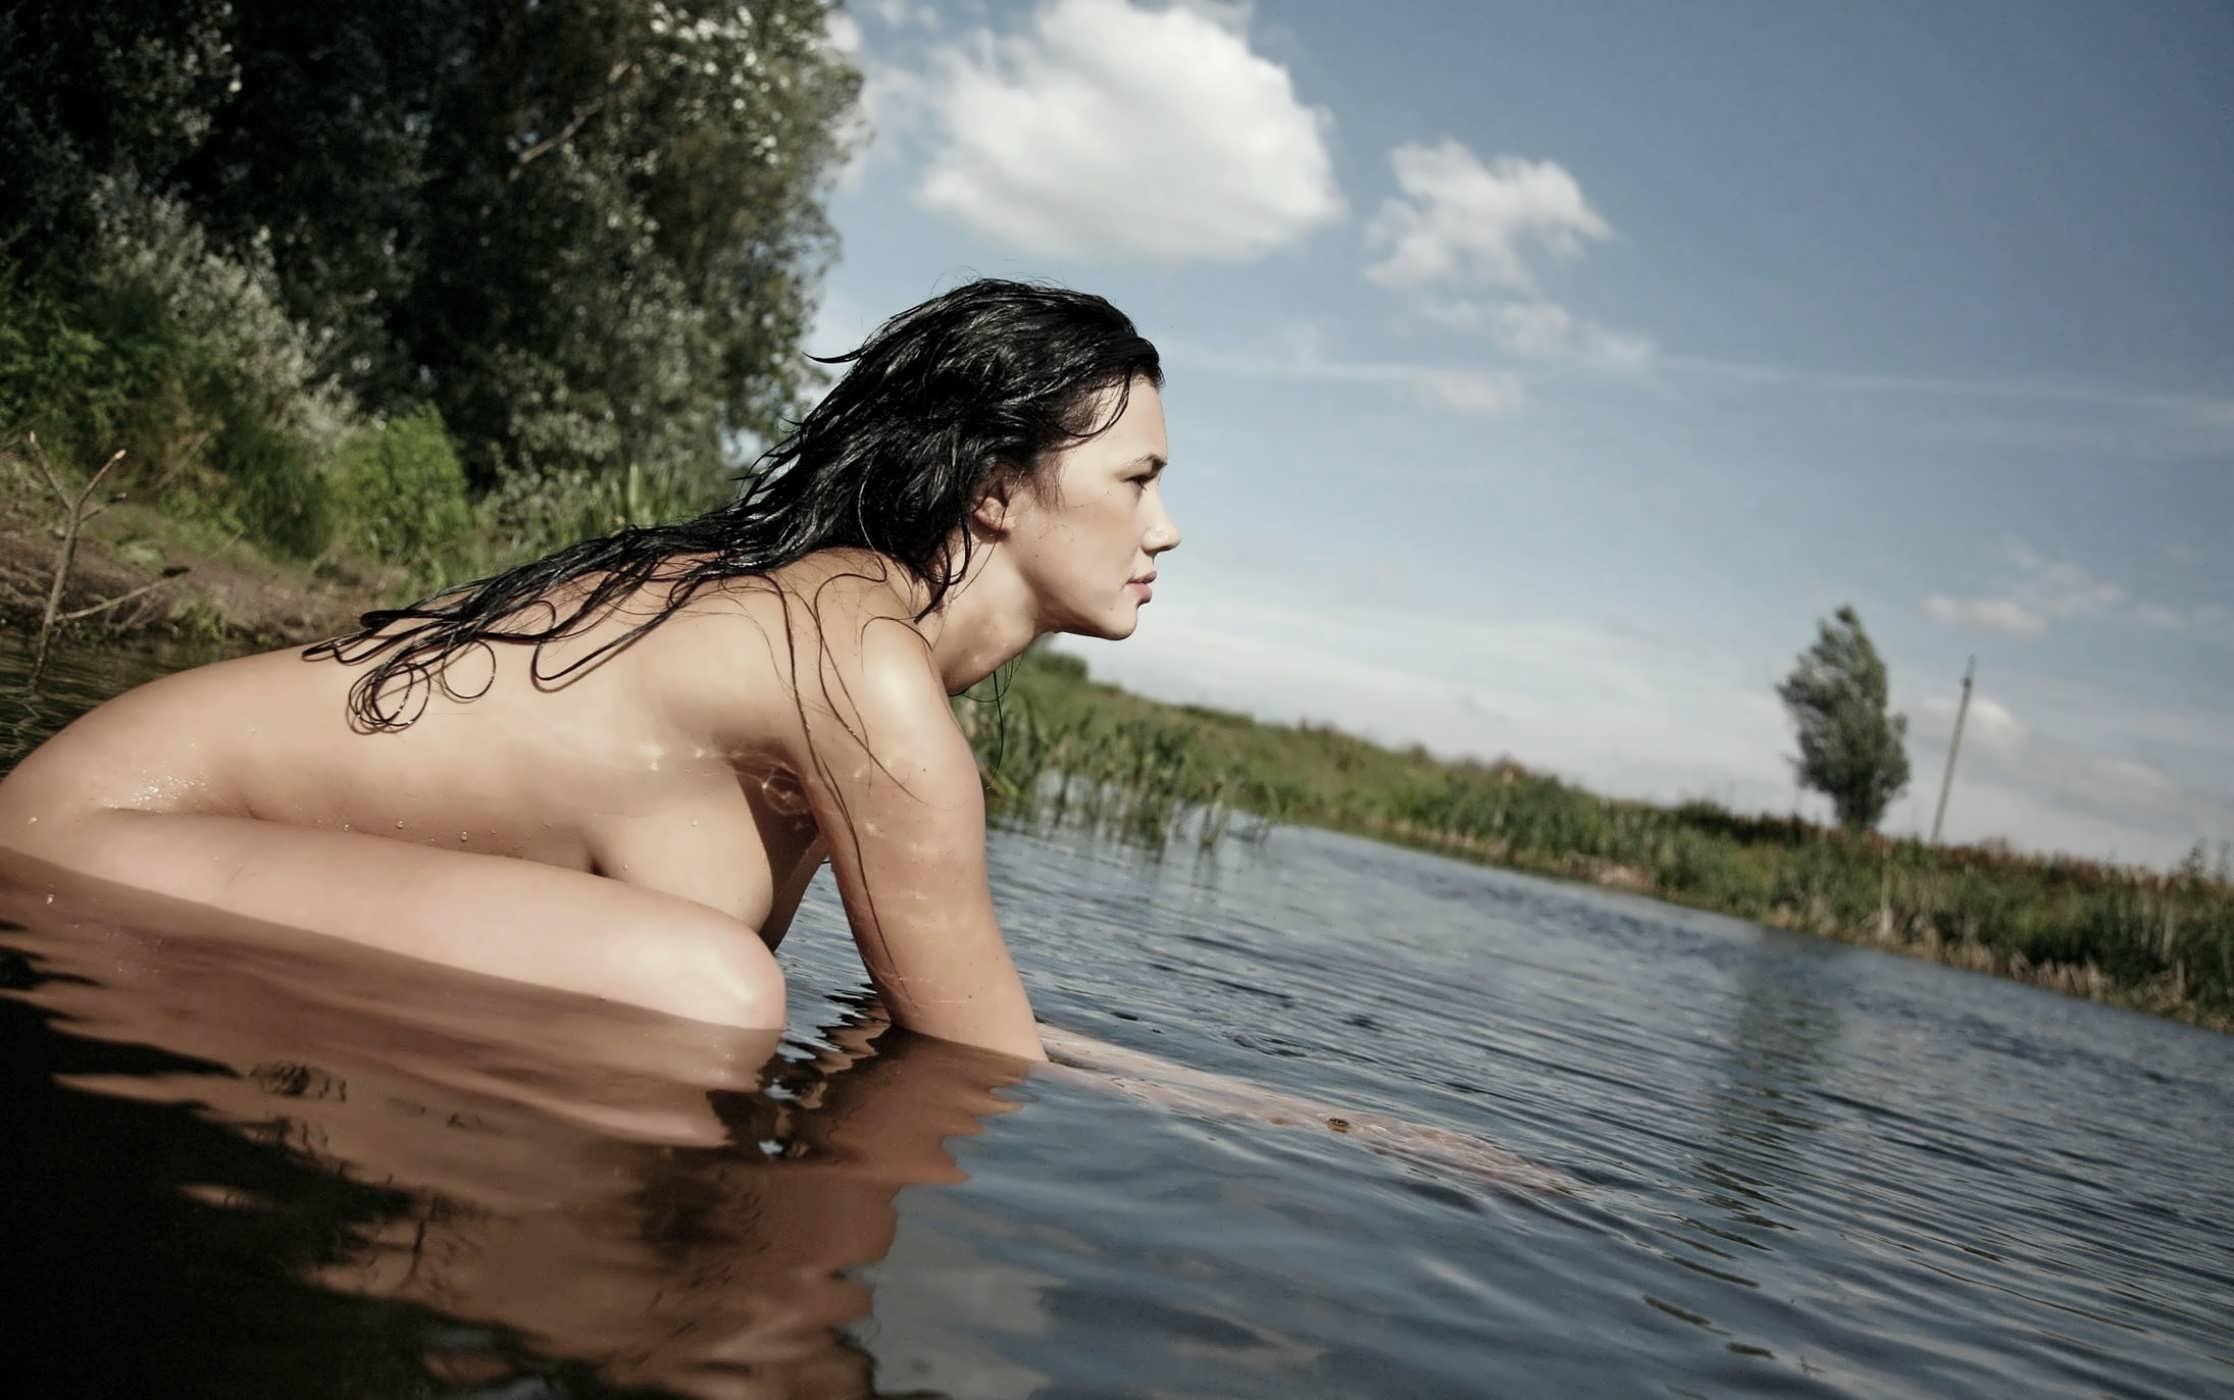 У реки ню 19 фотография